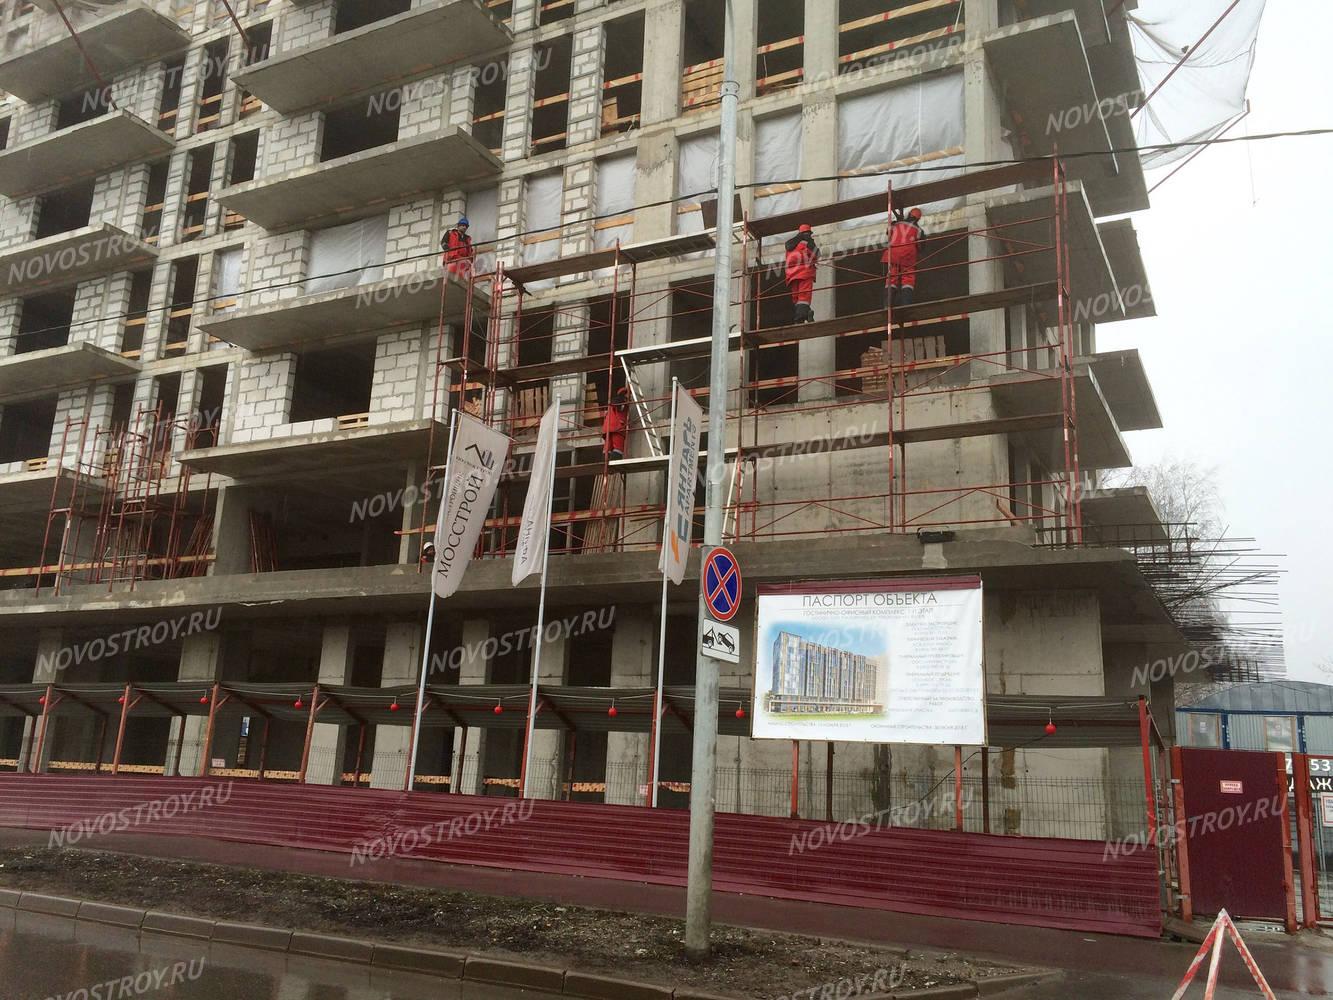 дом янтарь apartments официальный сайт